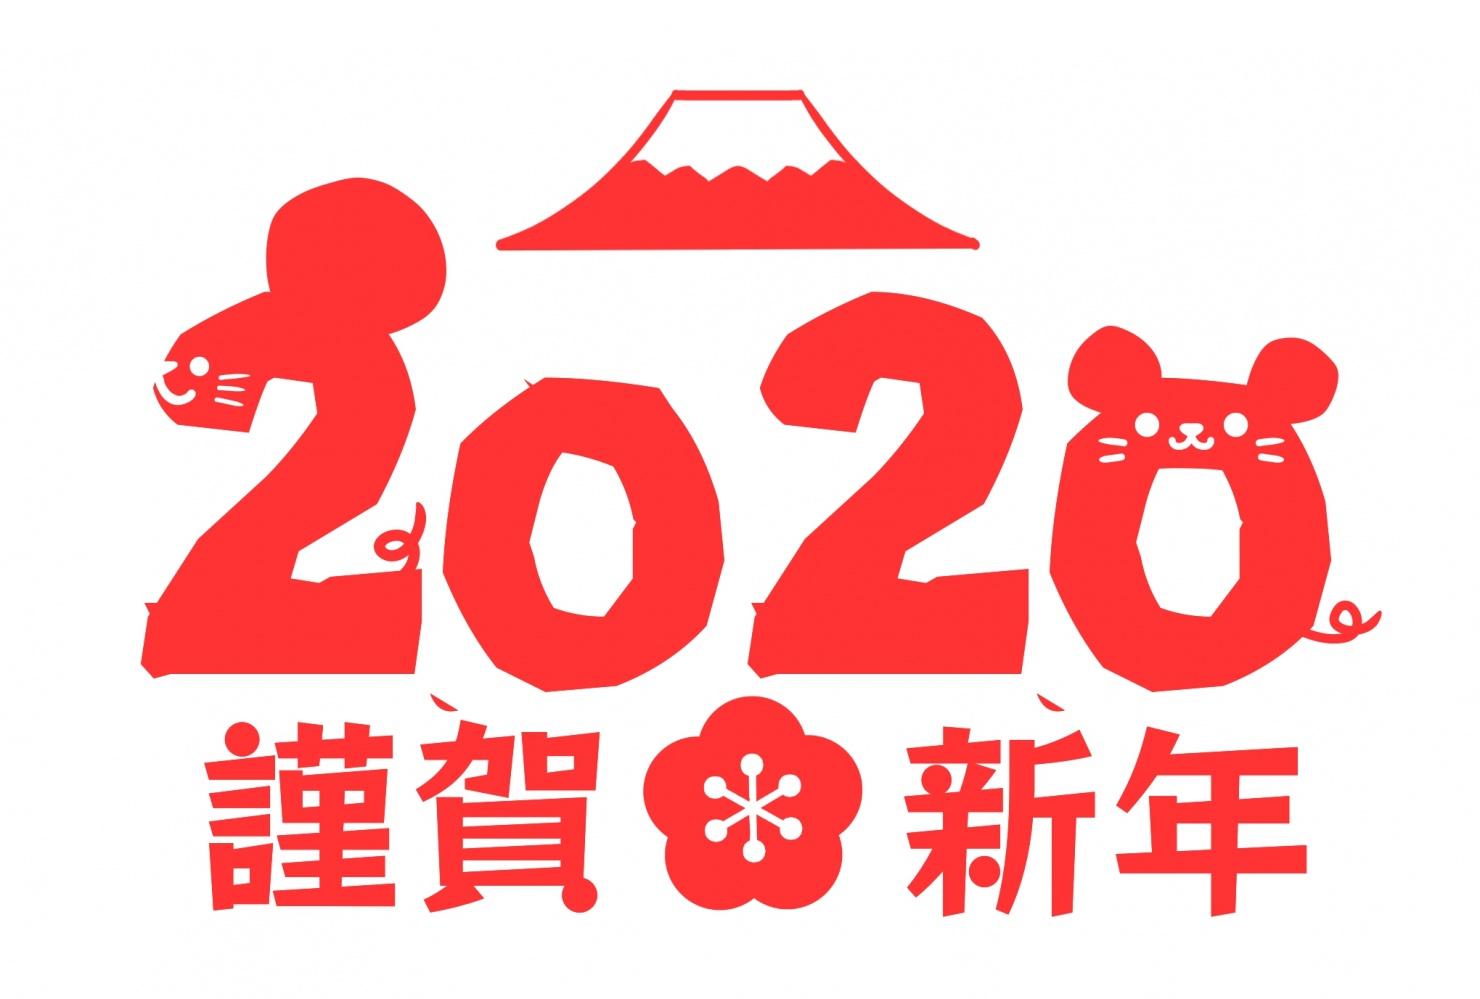 2020の赤いフォントねずみイラスト入り年賀状